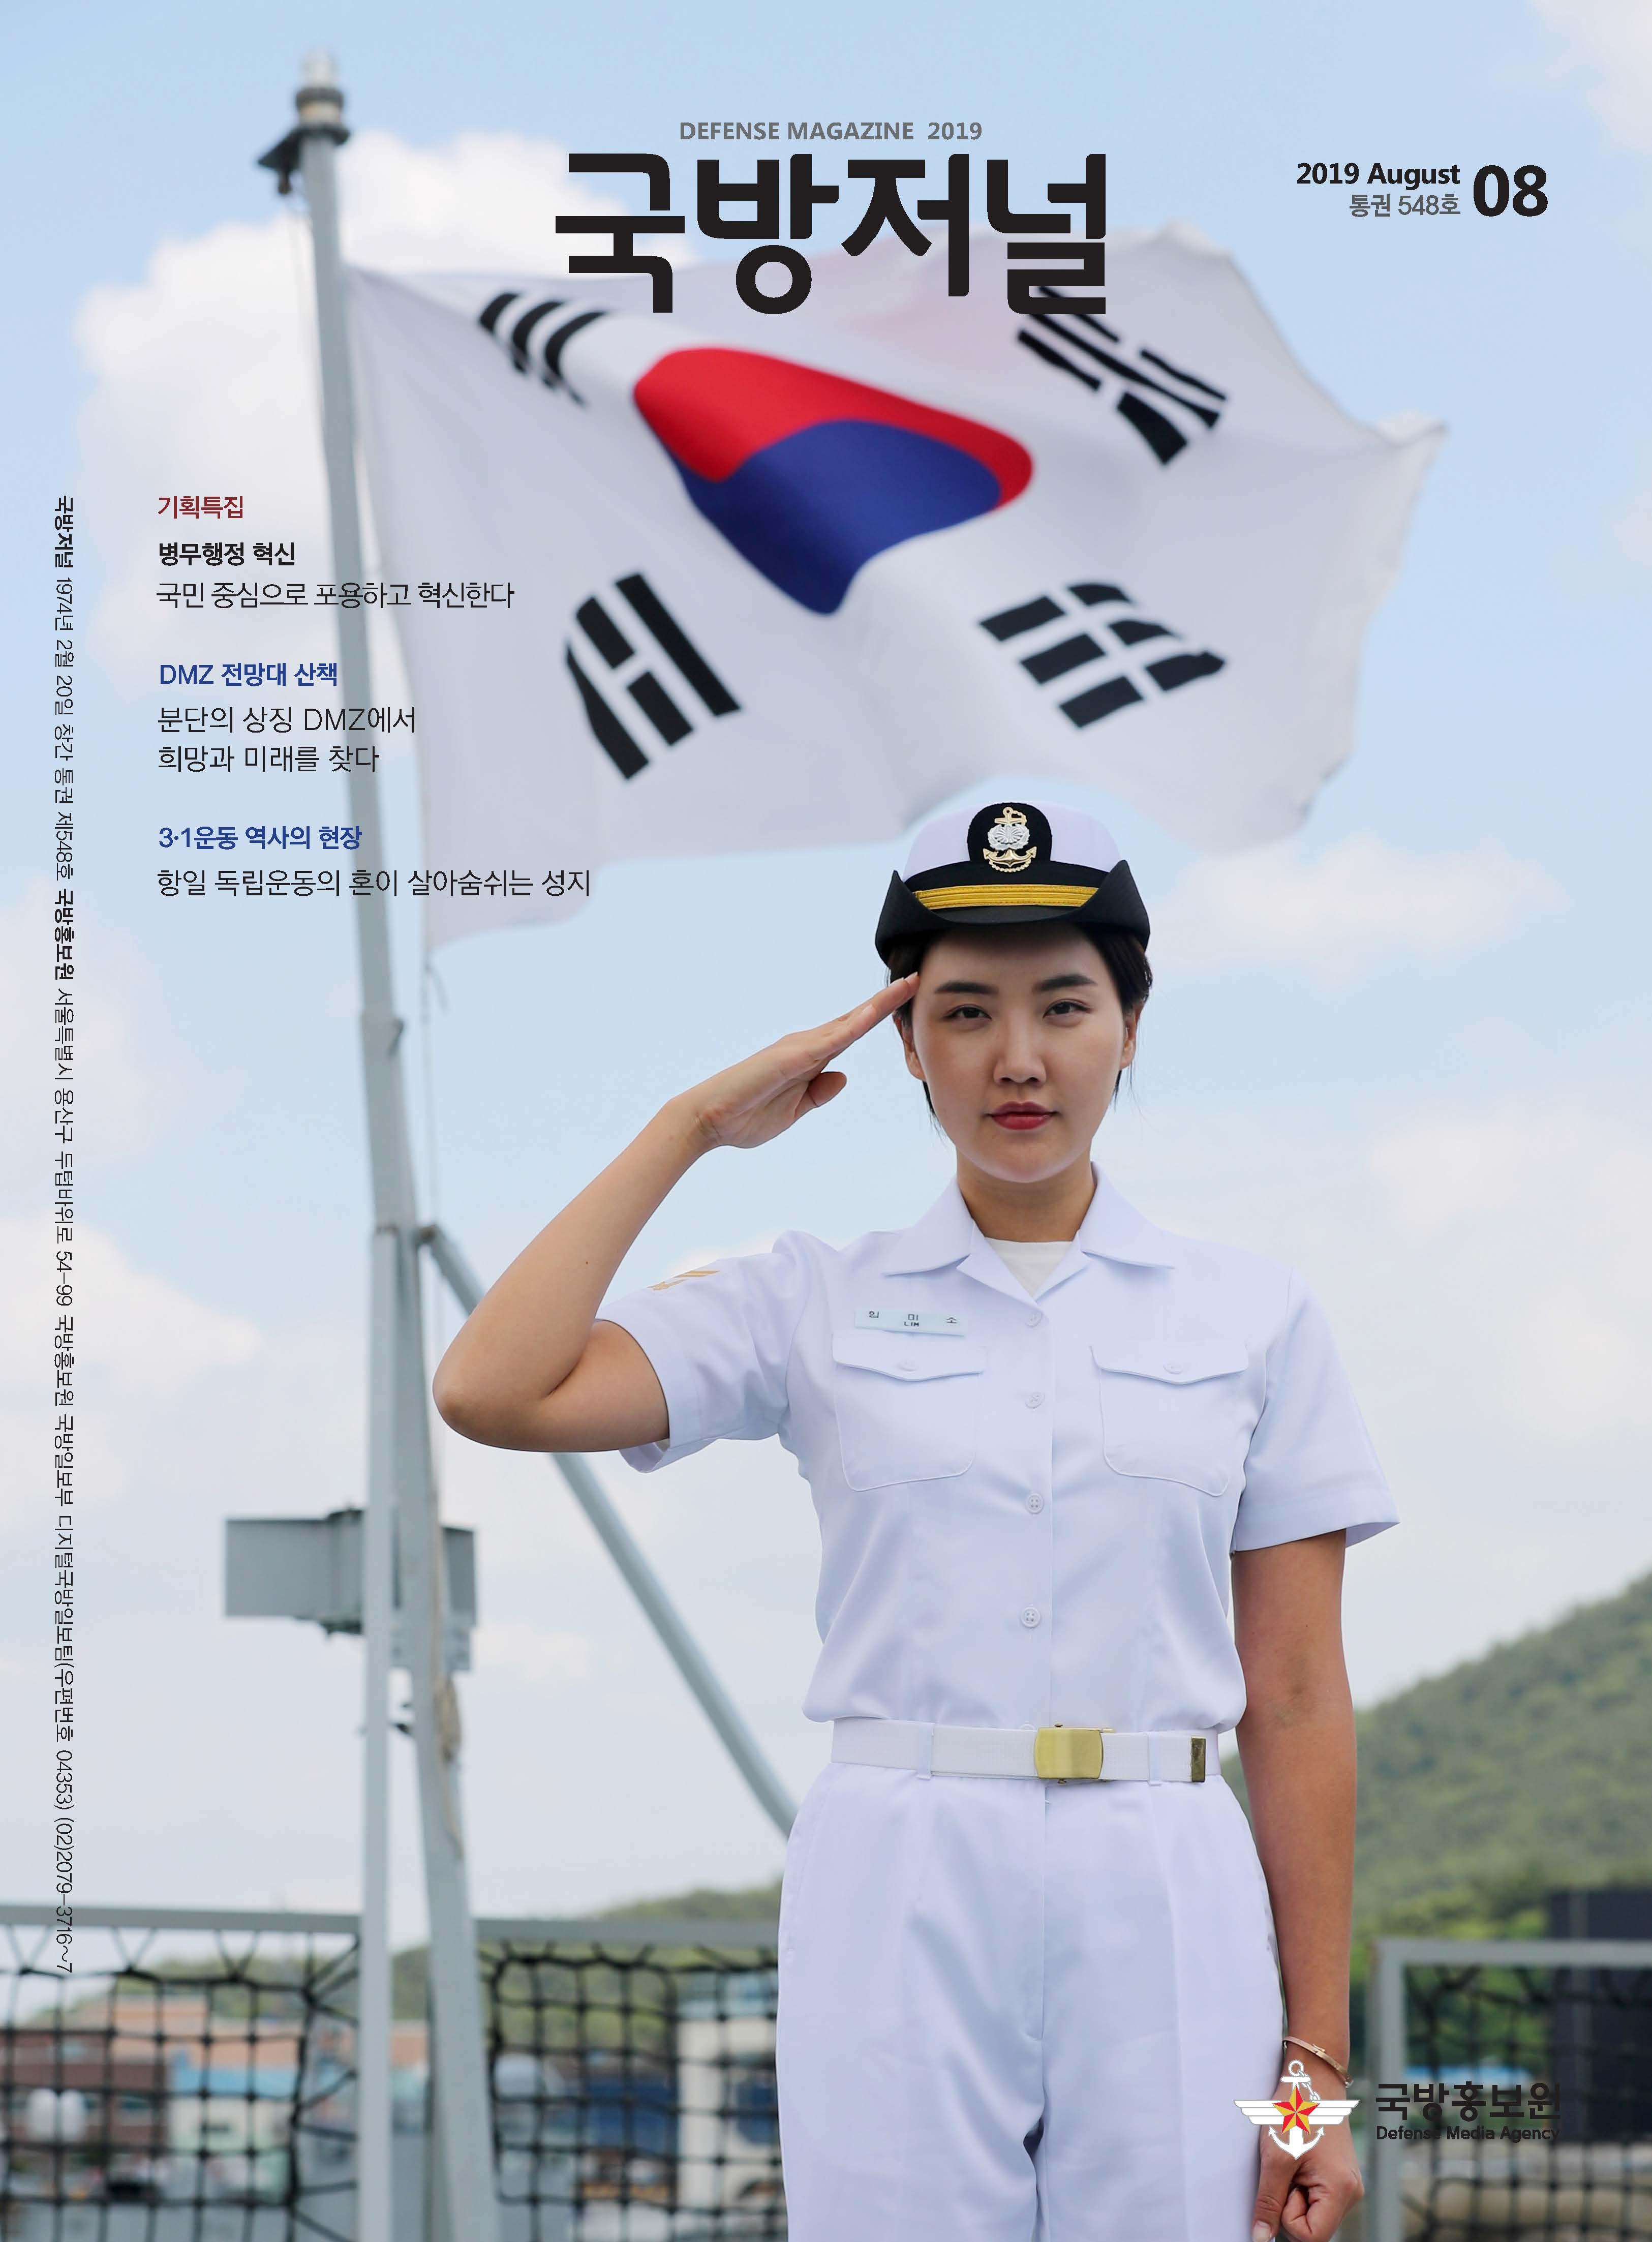 국방저널 2019년 8월호